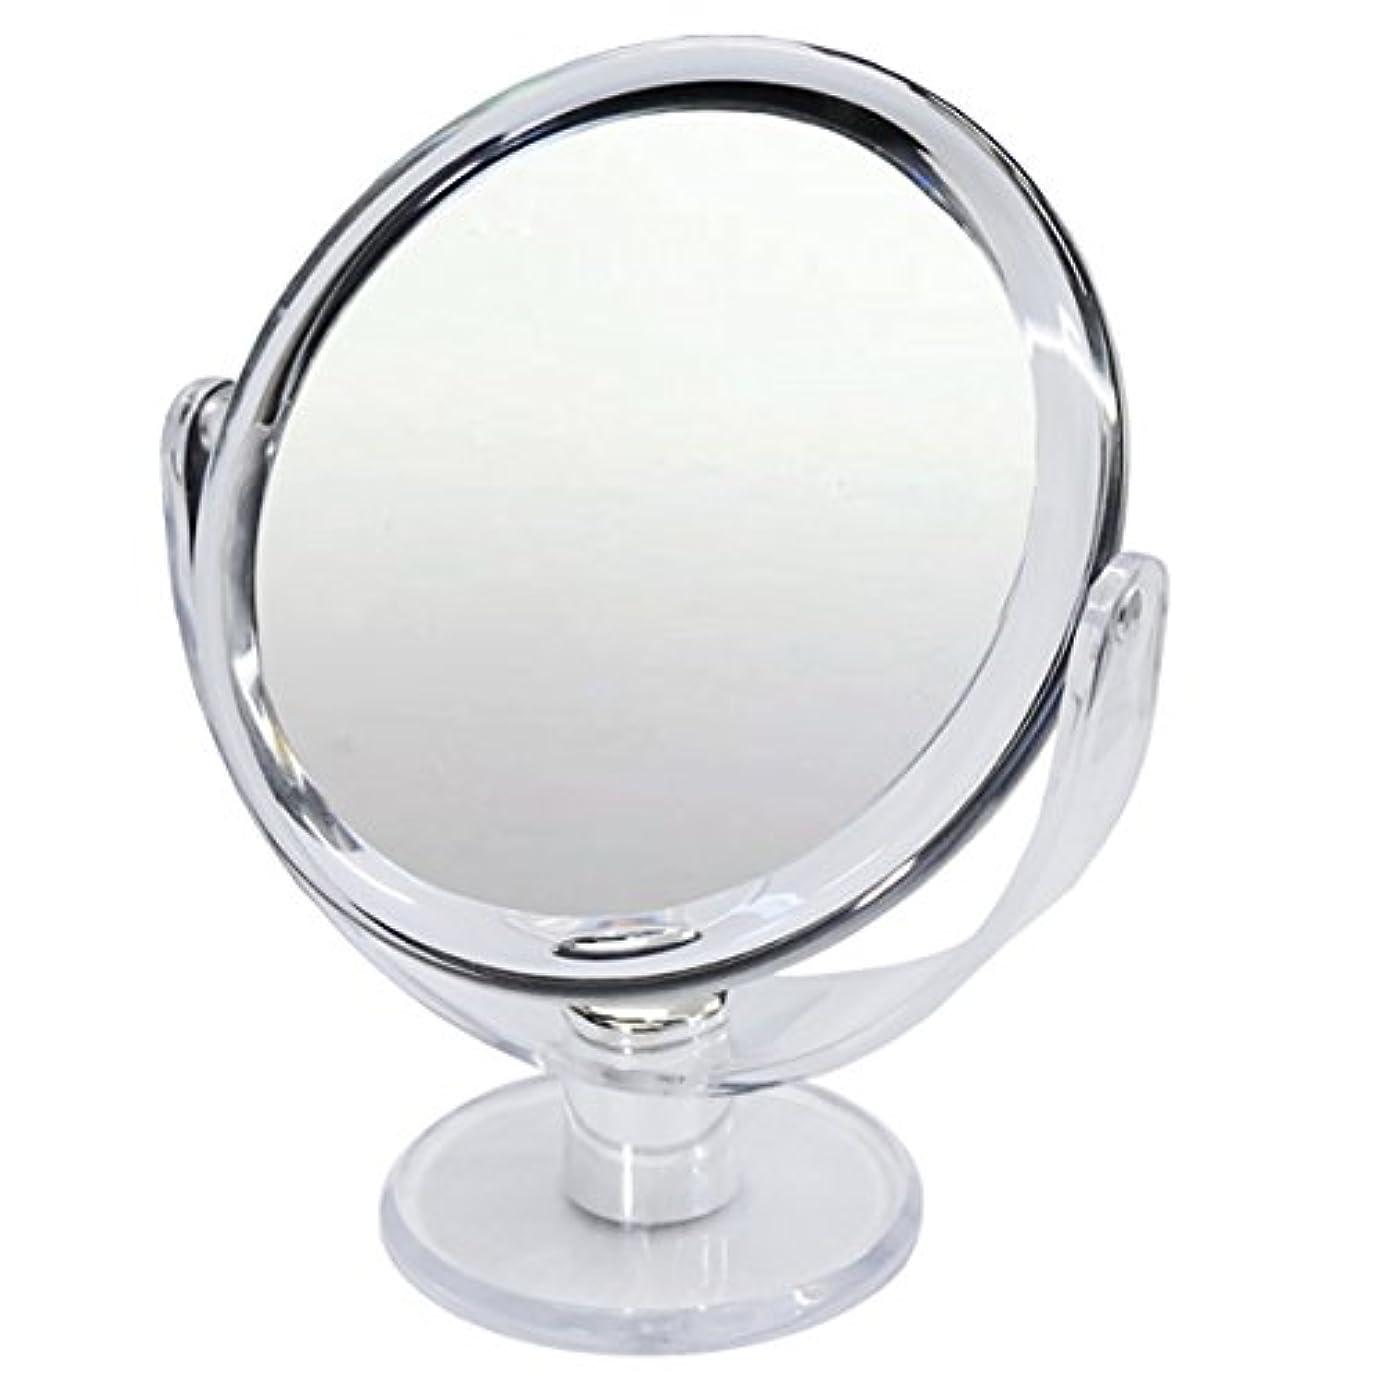 プラスチックくつろぐ委員長10倍 拡大鏡 スタンドミラー 等倍鏡と10倍鏡の両面鏡